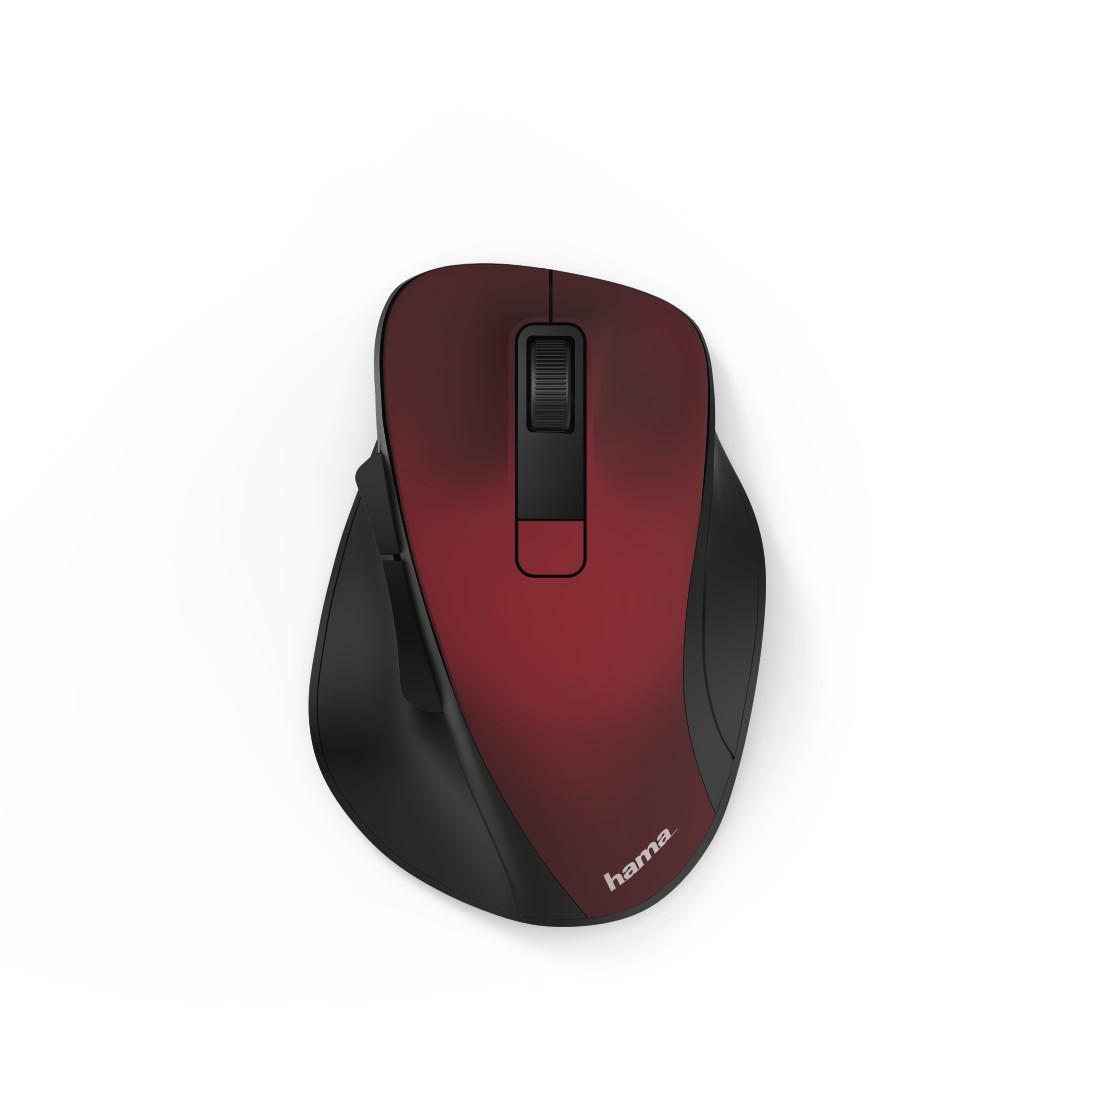 Безжична оптична мишка HAMA MW-500, USB, 1200/1600/800 dpi, безшумна, Червен/Черен-2